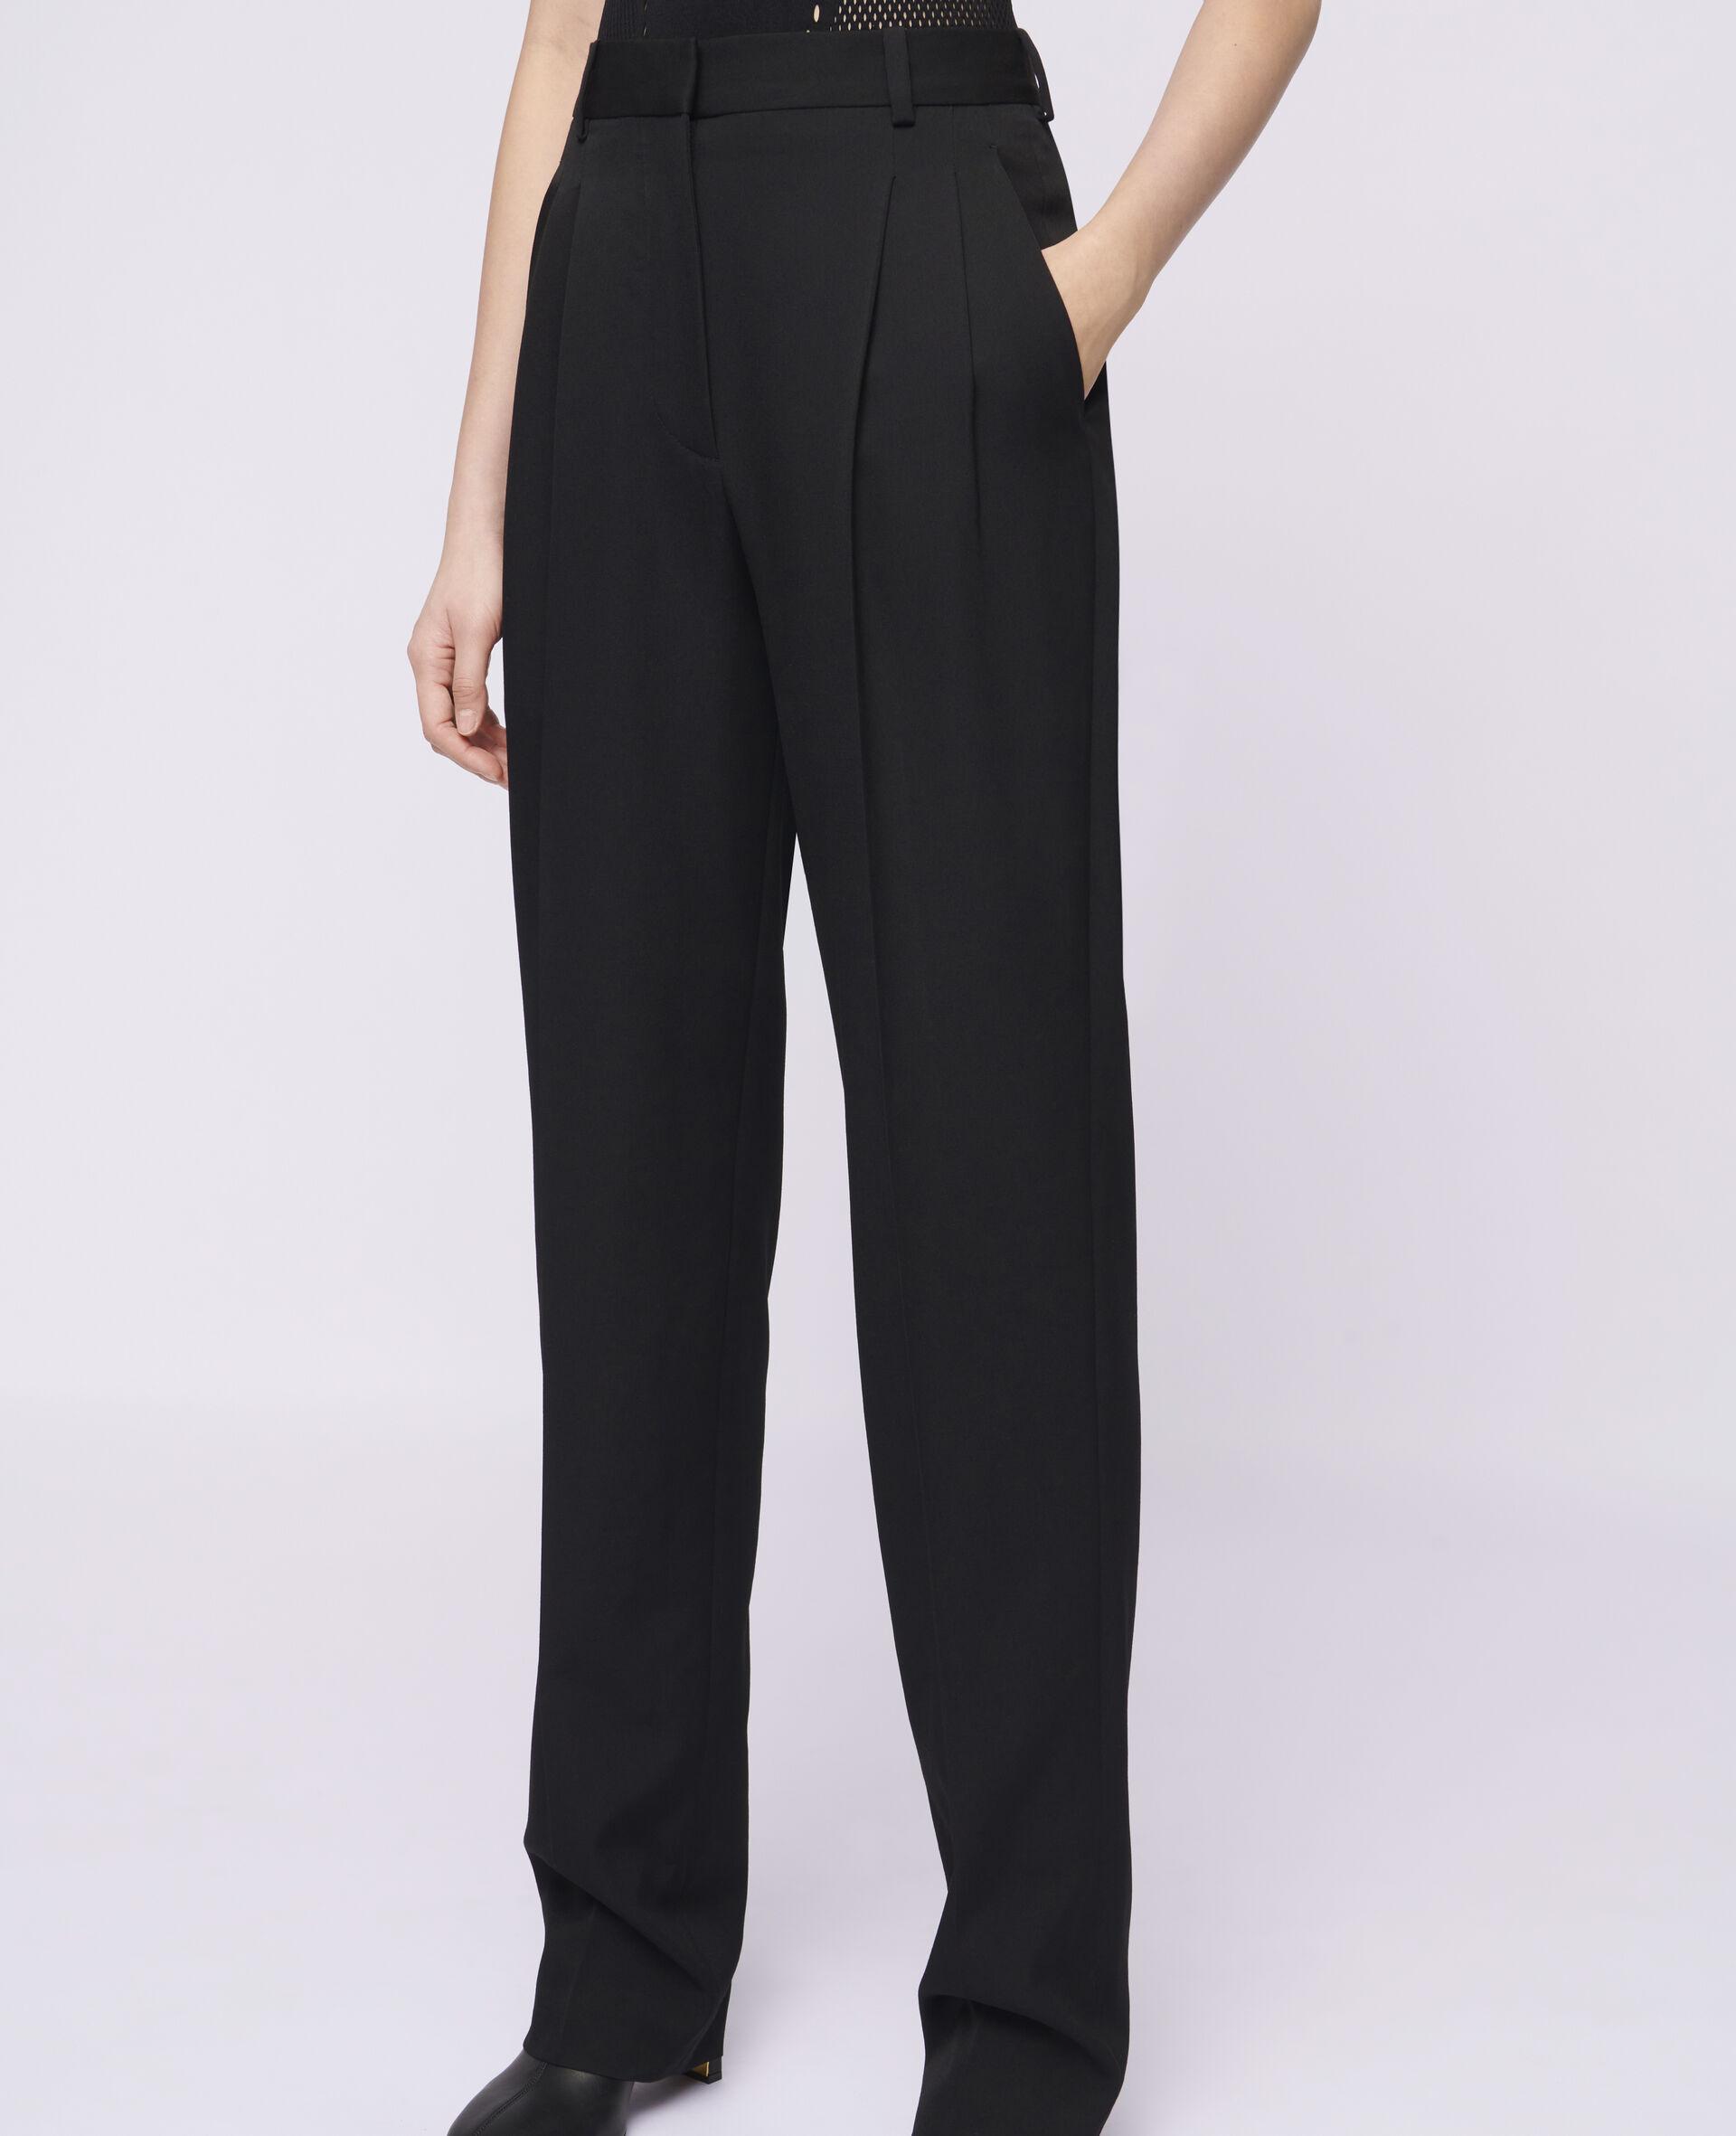 Lara 羊毛裤装-黑色-large image number 3